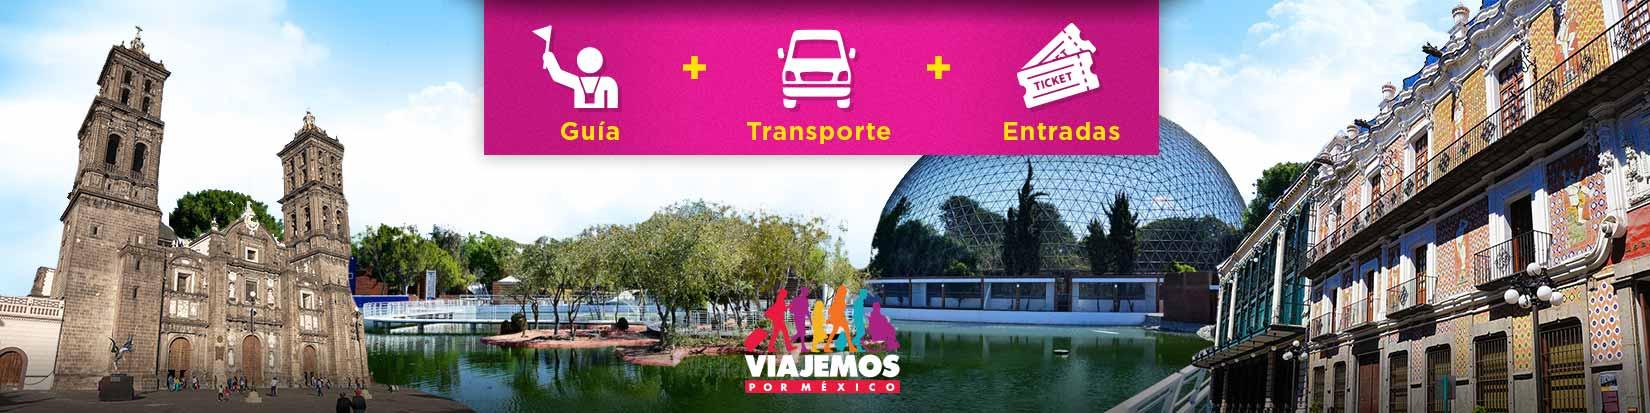 Tours / Excursiones en Puebla de hasta 10 hrs